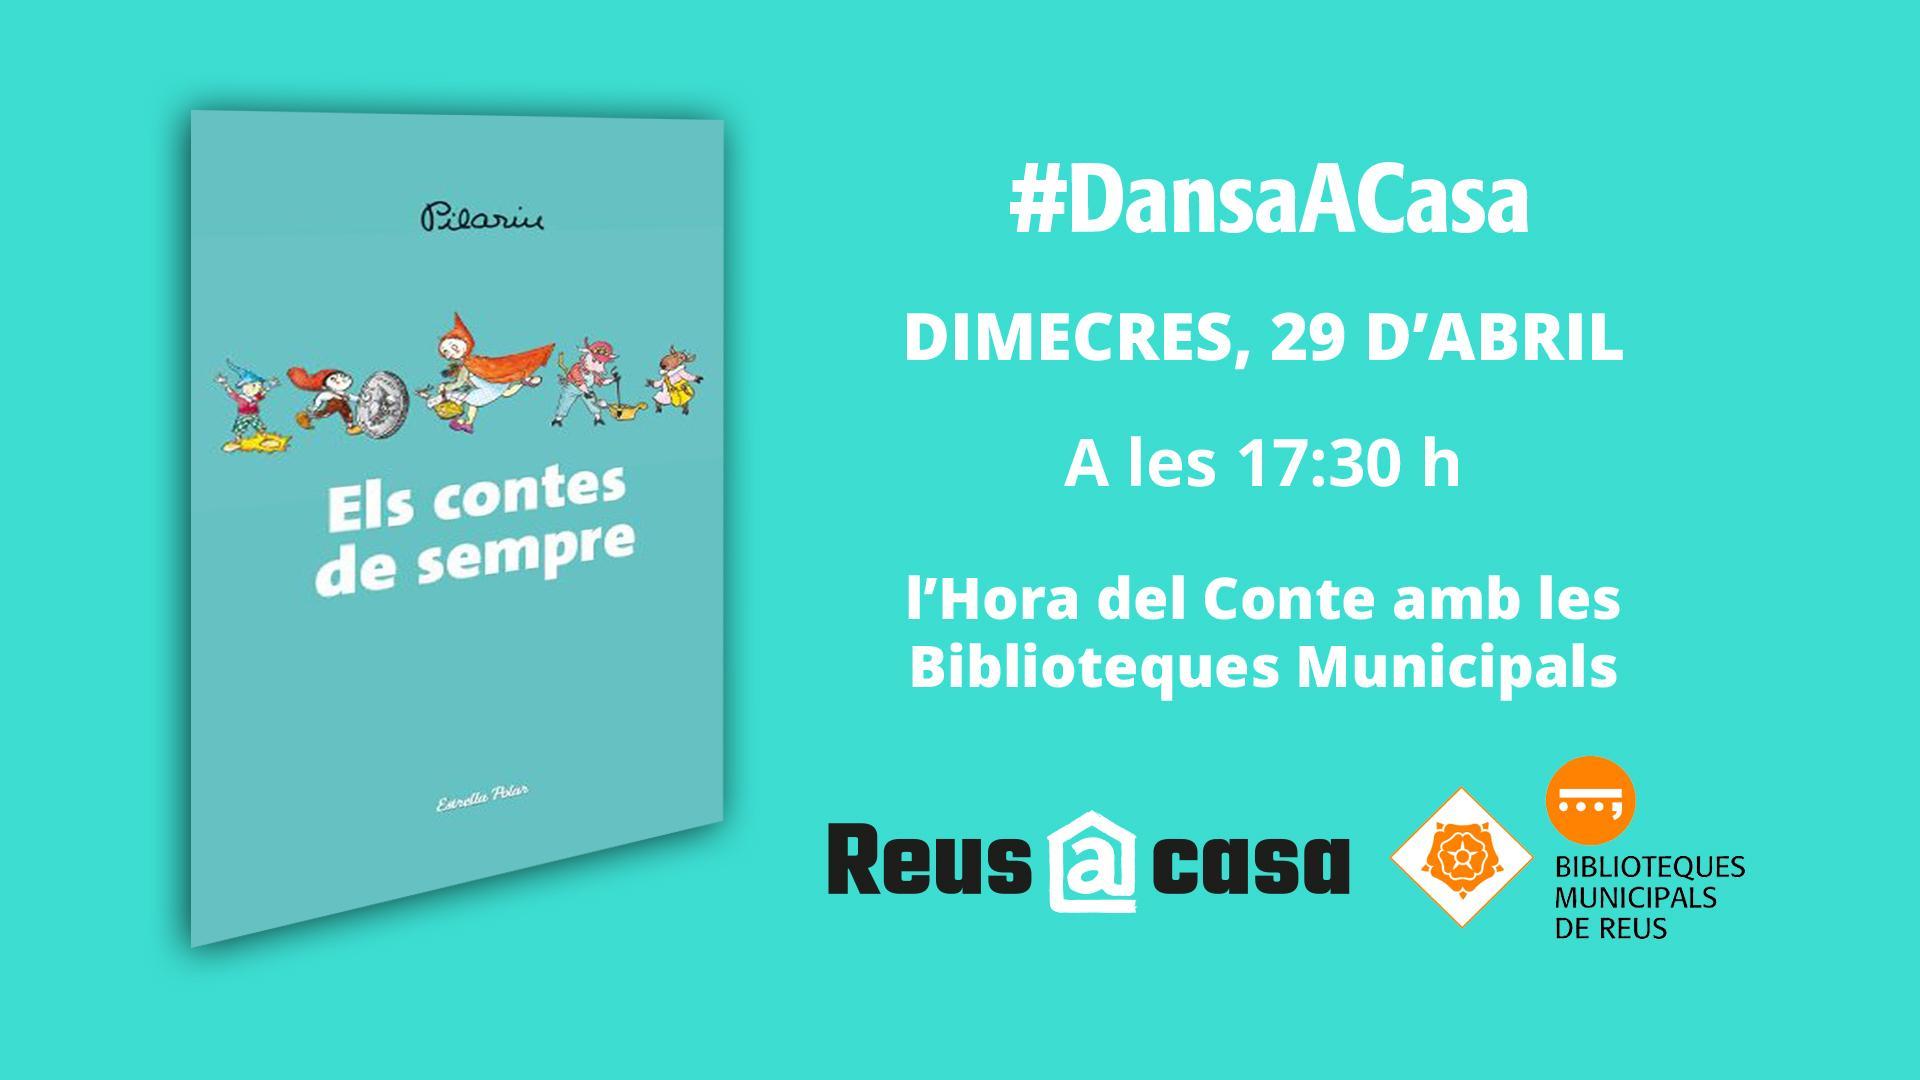 DansaACasa: L'hora del Conte amb les Biblioteques Municipals